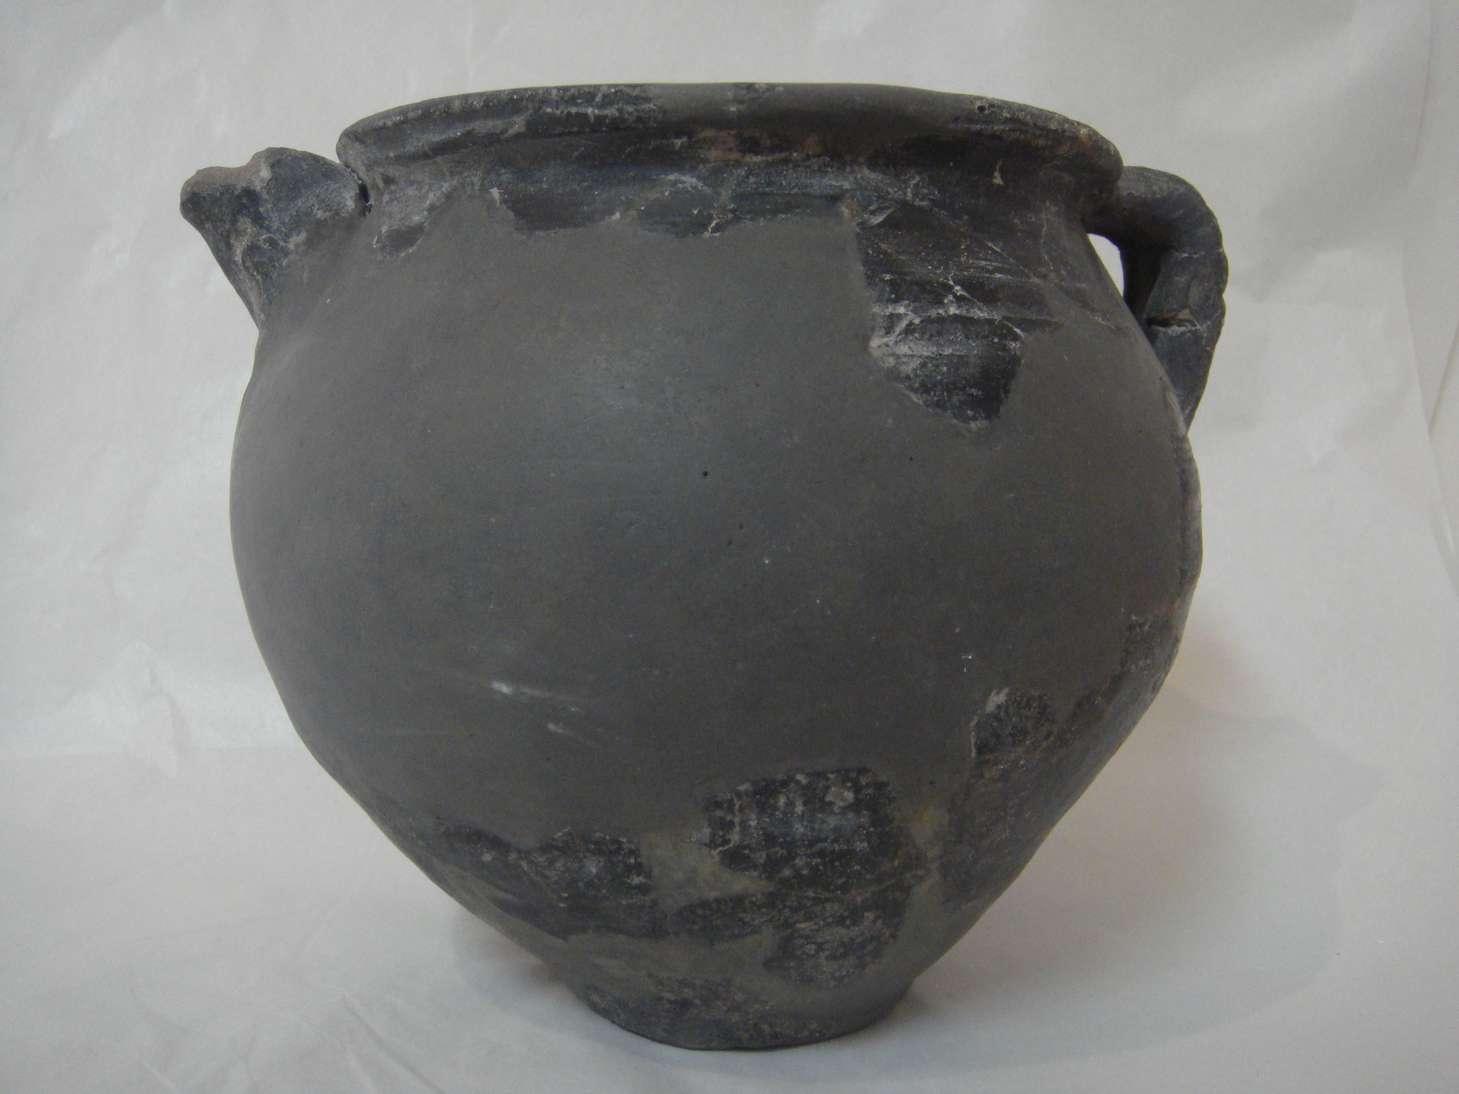 cruche-ovoide-fecamp--art-ancien-restauration-restaurarte.jpg